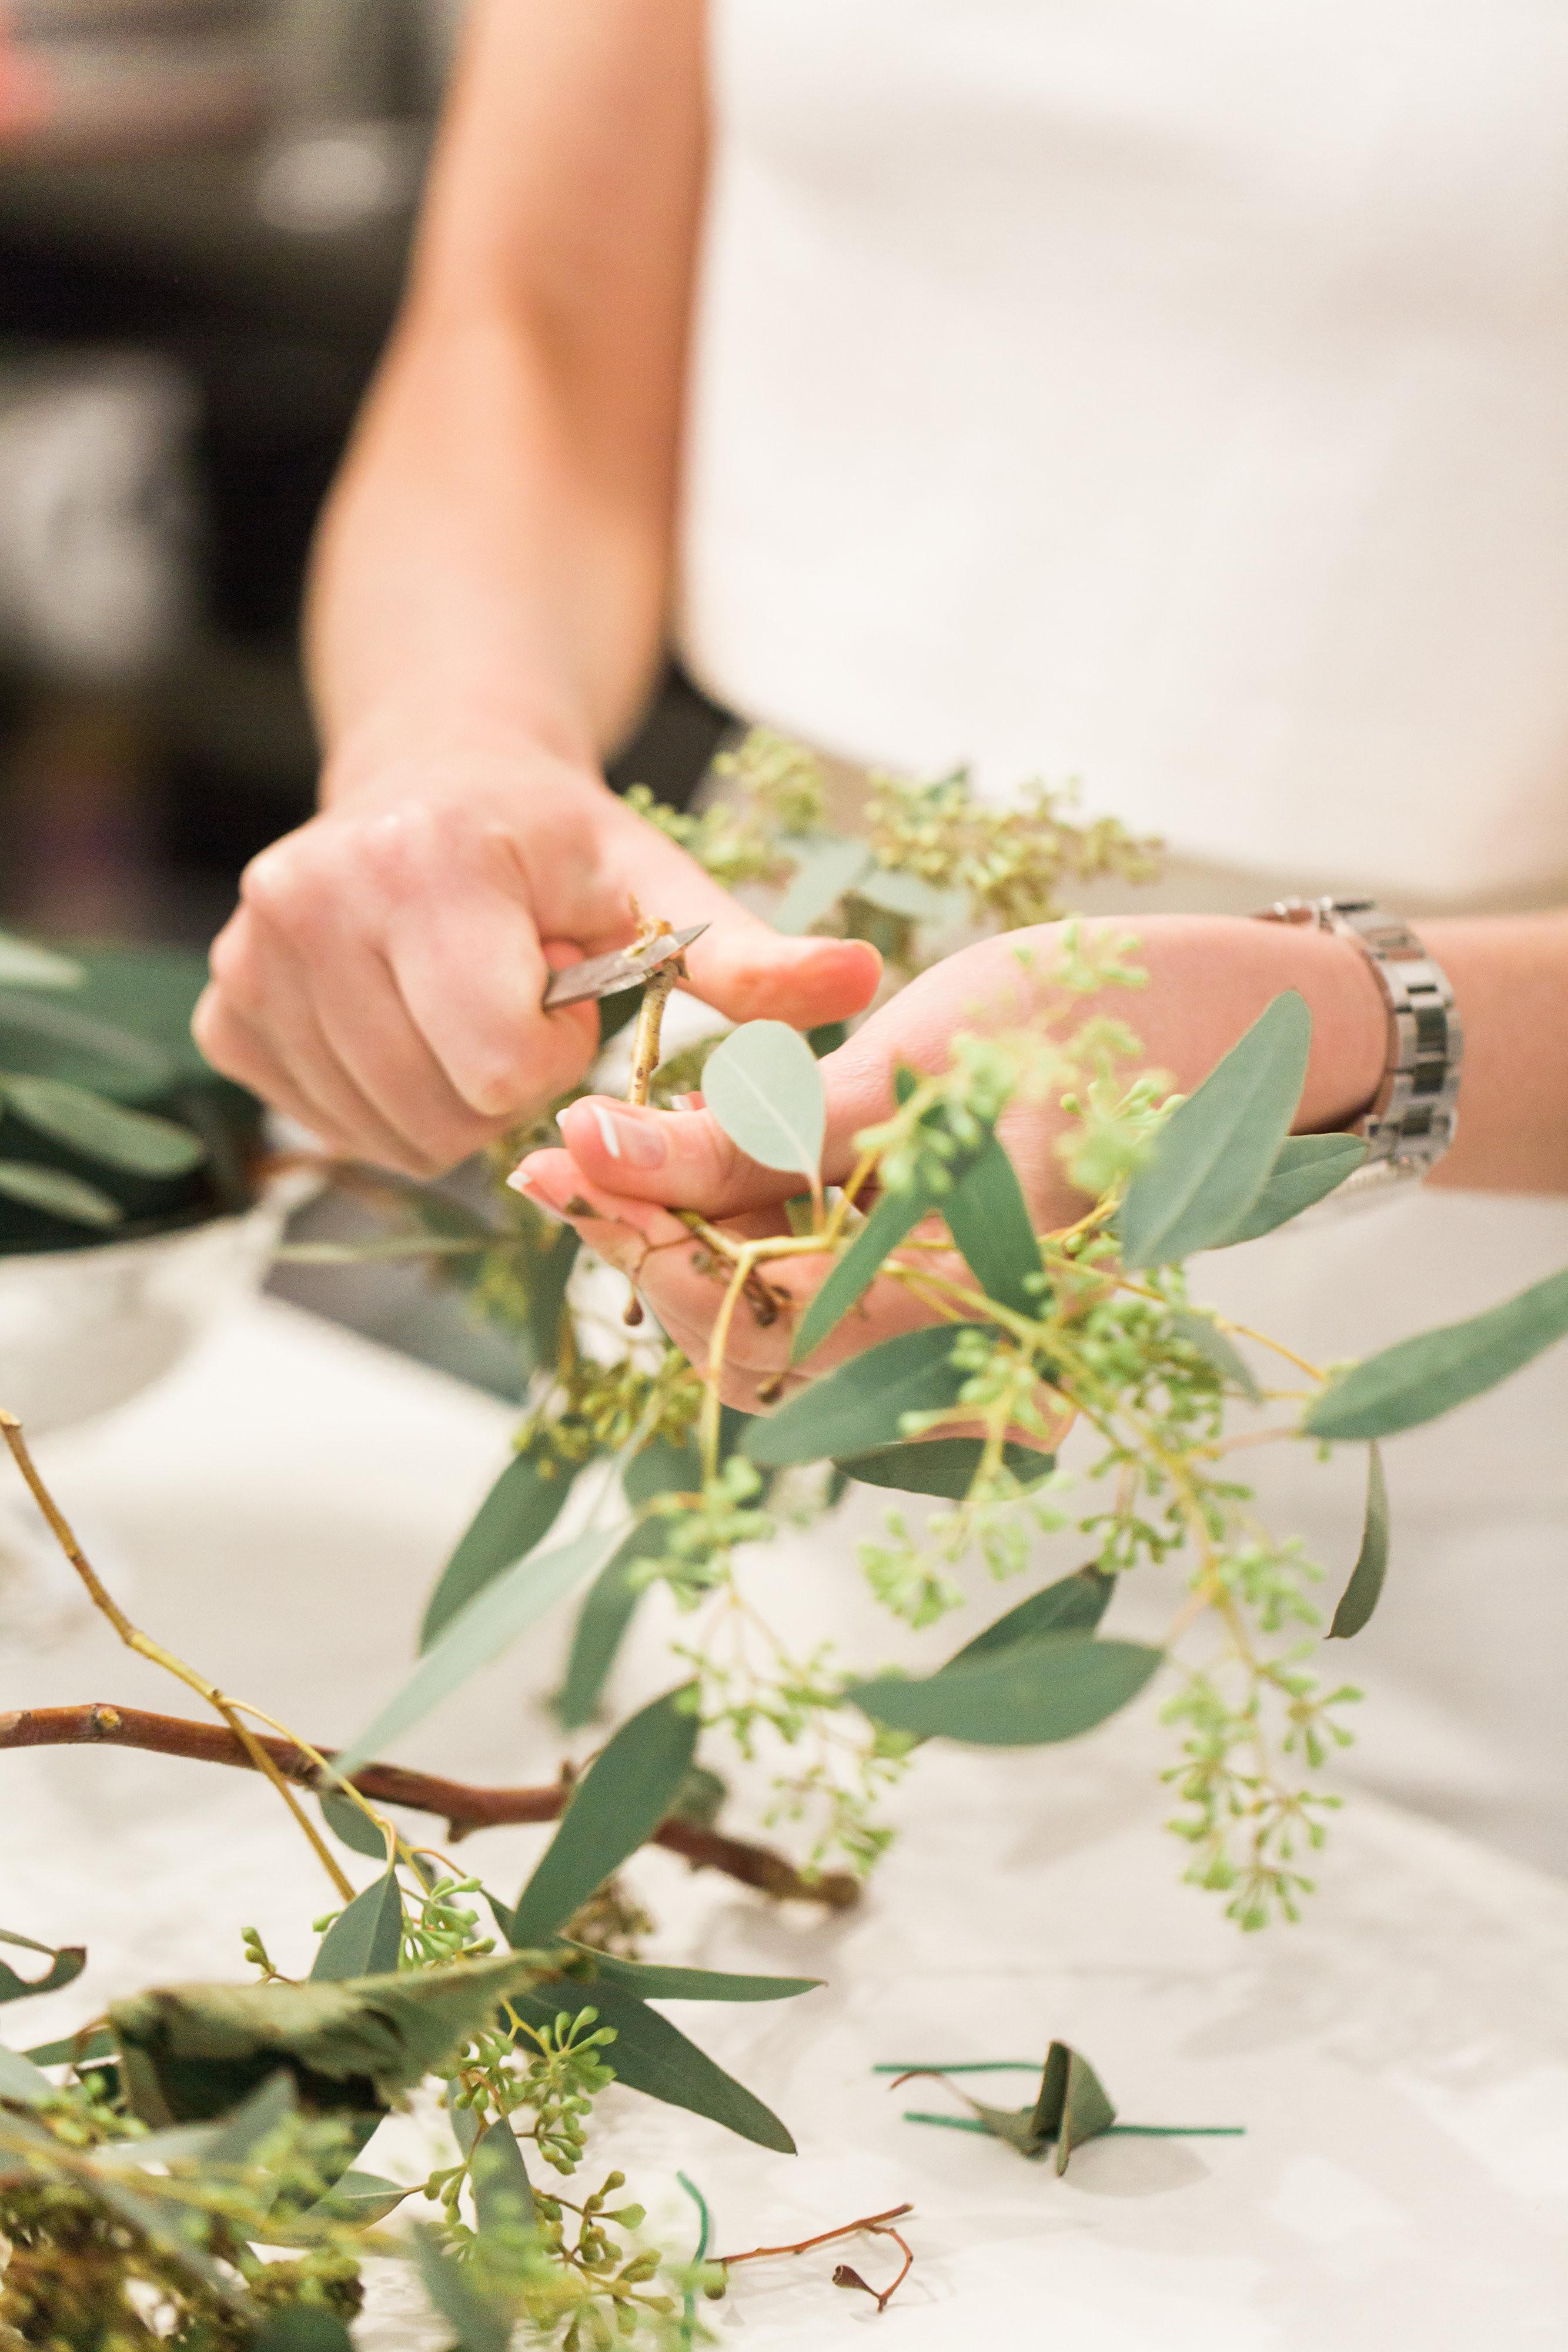 Thursday Flower Workshops